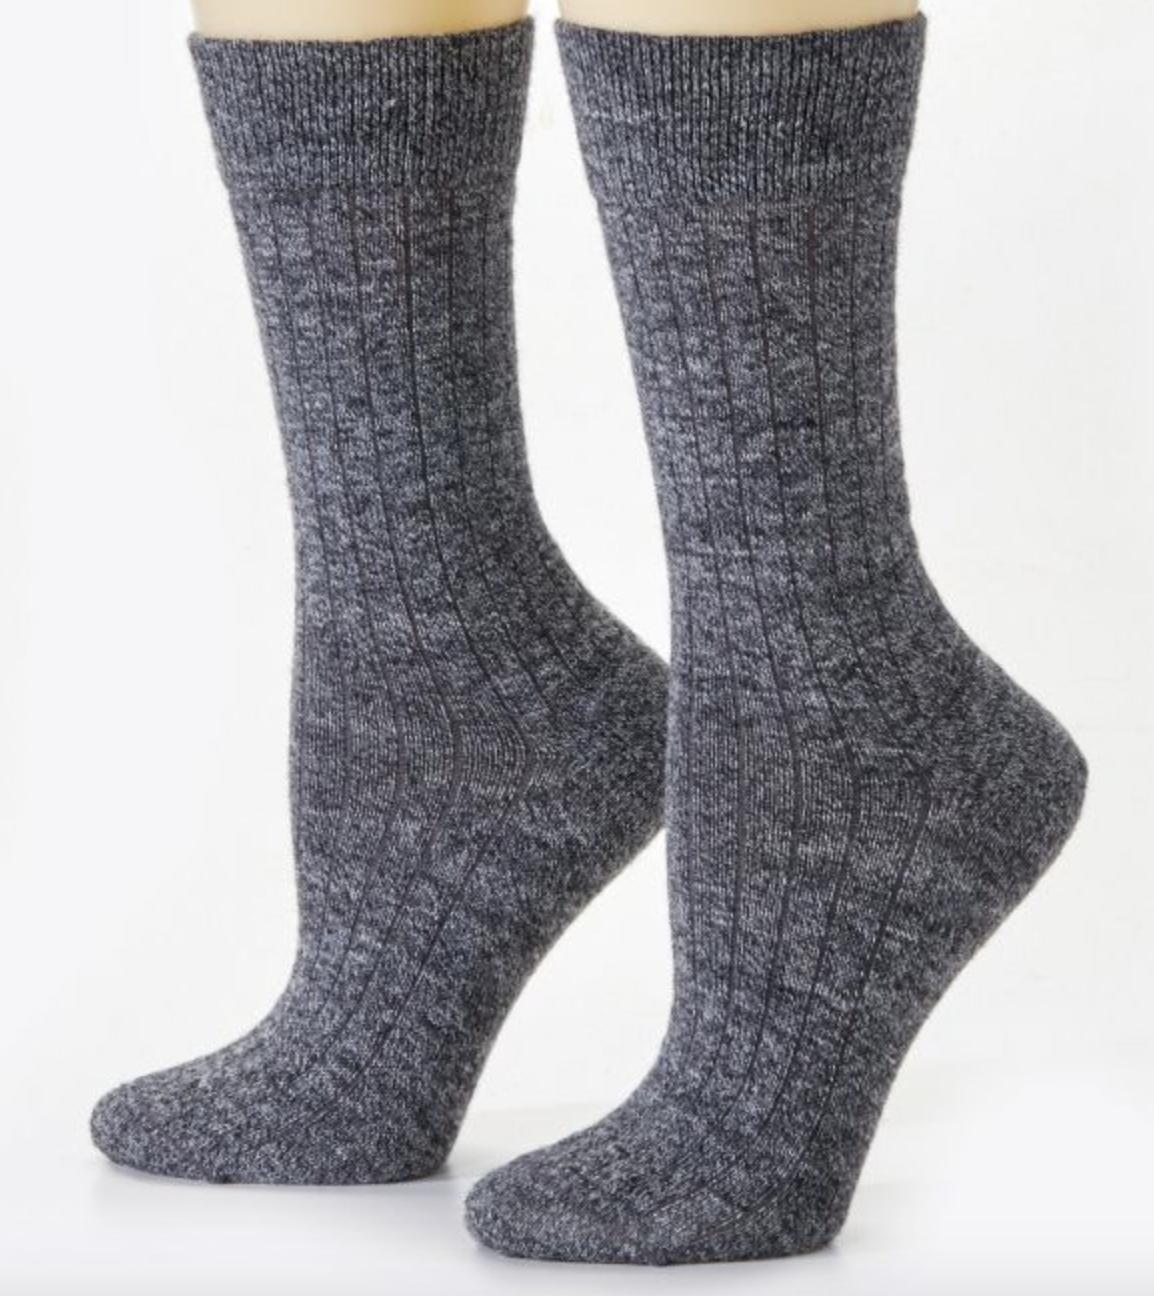 Peruvian Link Dress Alpaca Socks Smokey Grey L/XL